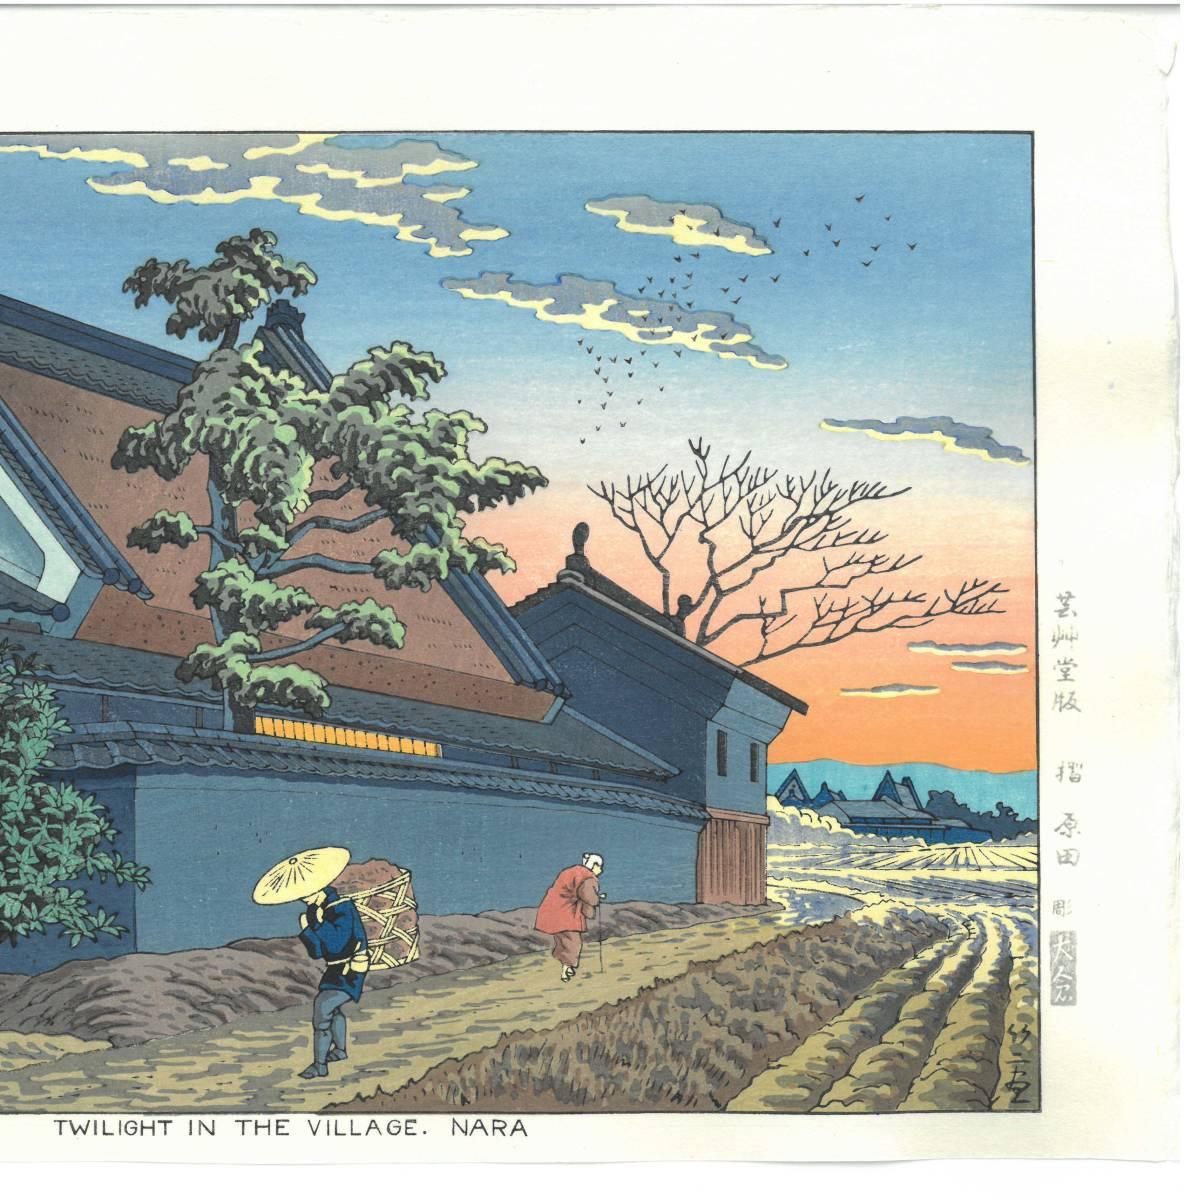 浅野竹二 (Asano Takeji) 木版画 TA20 大和路暮色 新版画 初版昭和20年頃 京都の一流の摺師の技をご堪能下さい!!_画像5